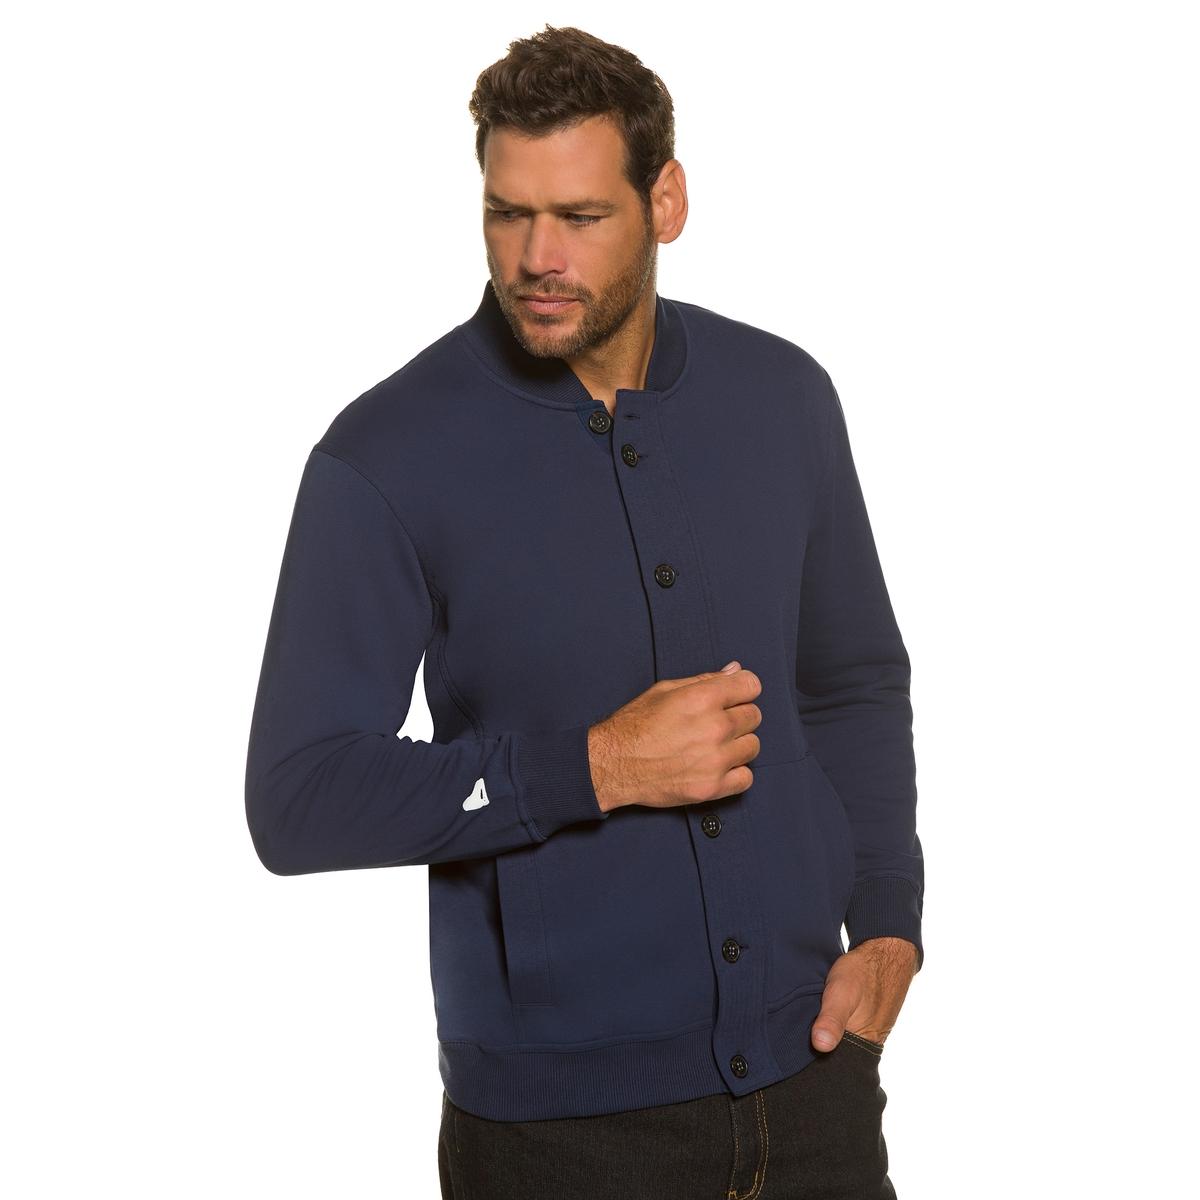 Куртка-свитшотКуртка свитшот JP1880. Видимая прострочка на воротнике. 2 кармана, рисунок ICEHOCKEY на правом рукаве. Отделка вязкой в рубчик. 100% хлопок. Длина в зависимости от размера 74-88 см.<br><br>Цвет: синий морской<br>Размер: XXL